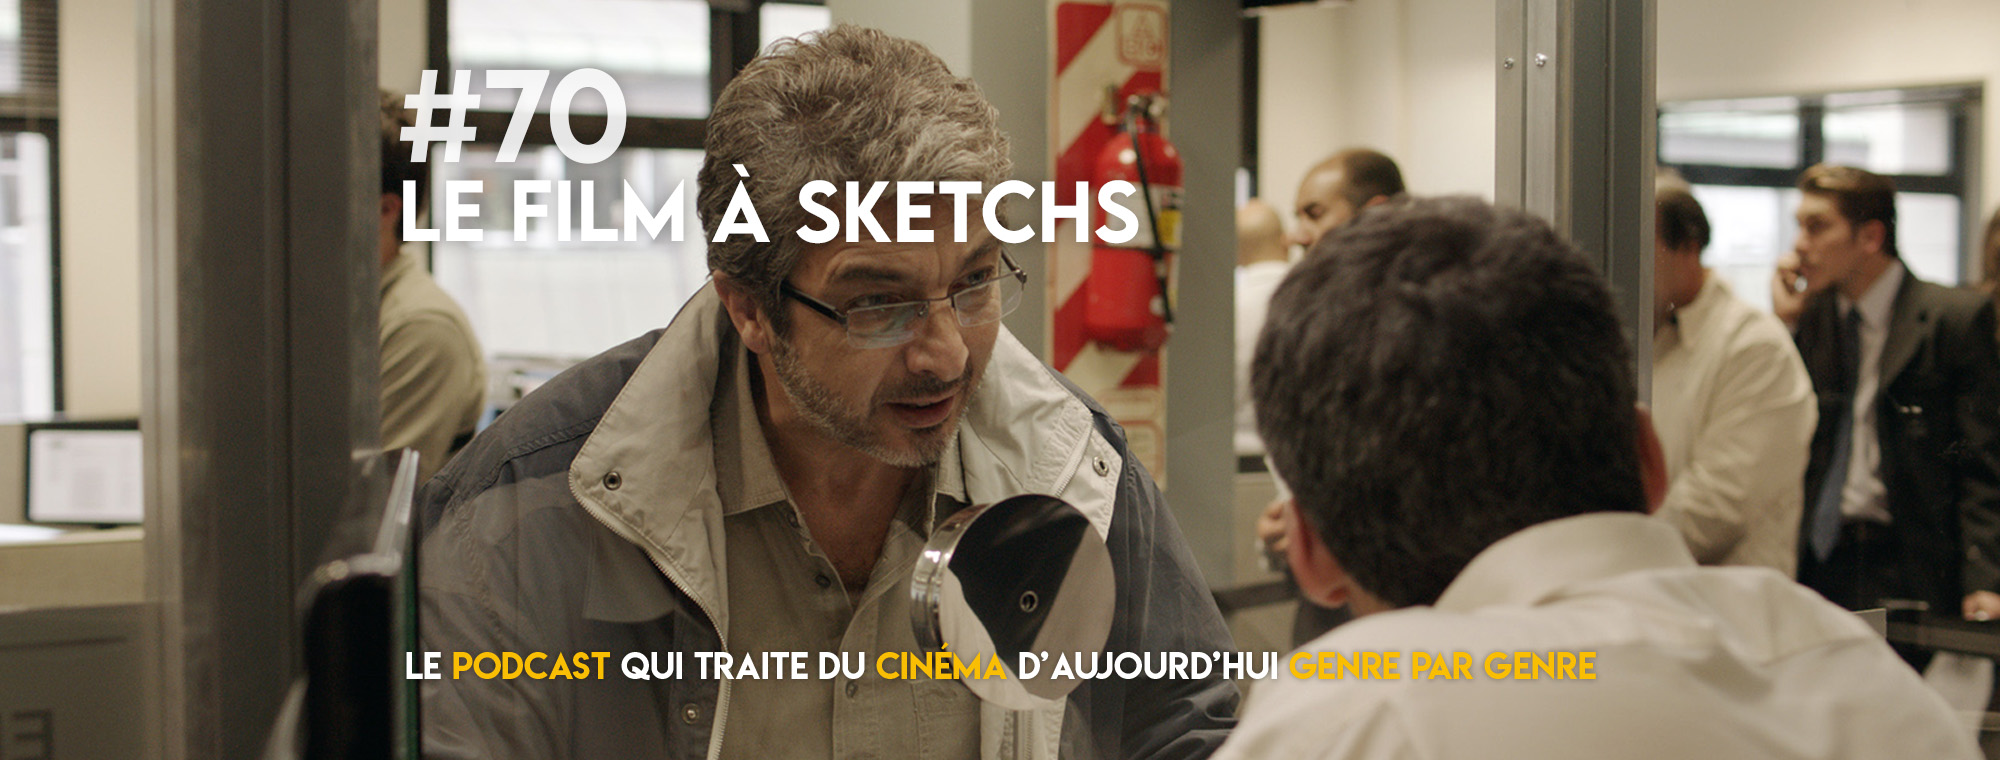 Parlons Péloches - #70 Le film à sketchs